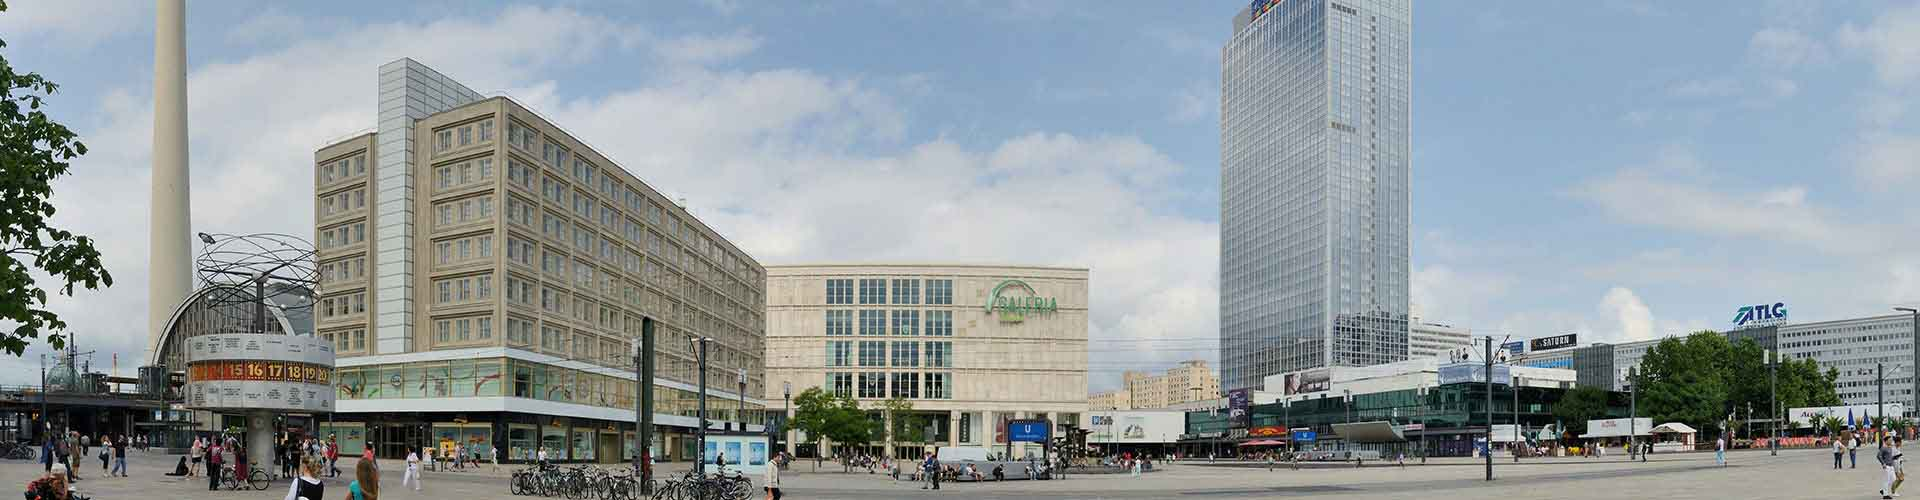 베를린 - 알렉산더 광장 와 가까운 호스텔. 베를린의 지도, 베를린에 위치한 호스텔 사진 및 후기 정보.